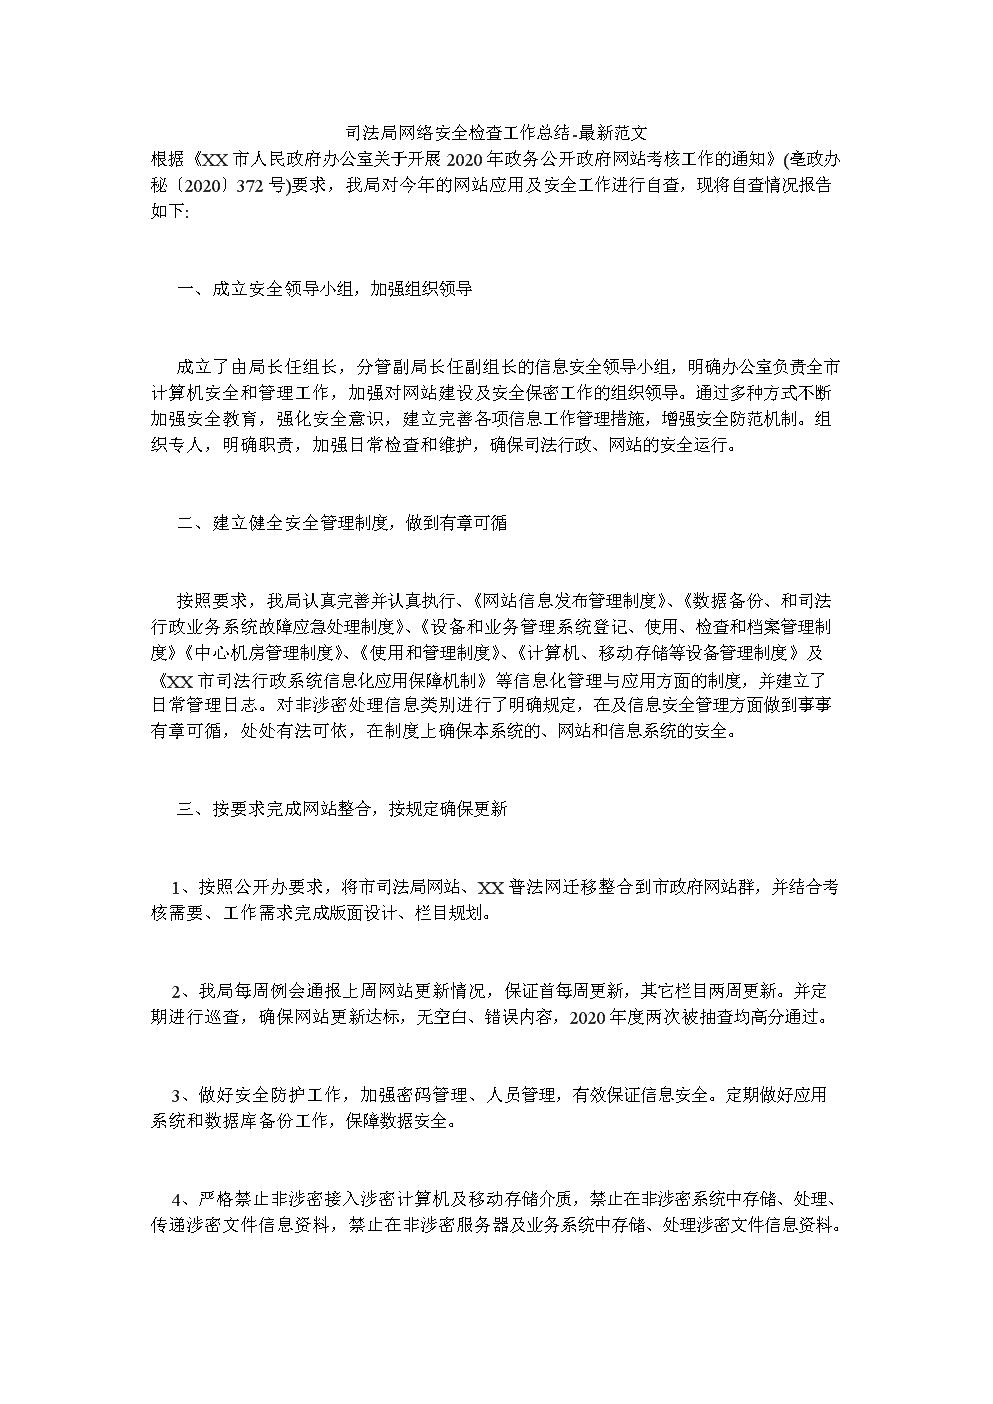 司法局网络安全检查工作总结-最新范文.doc